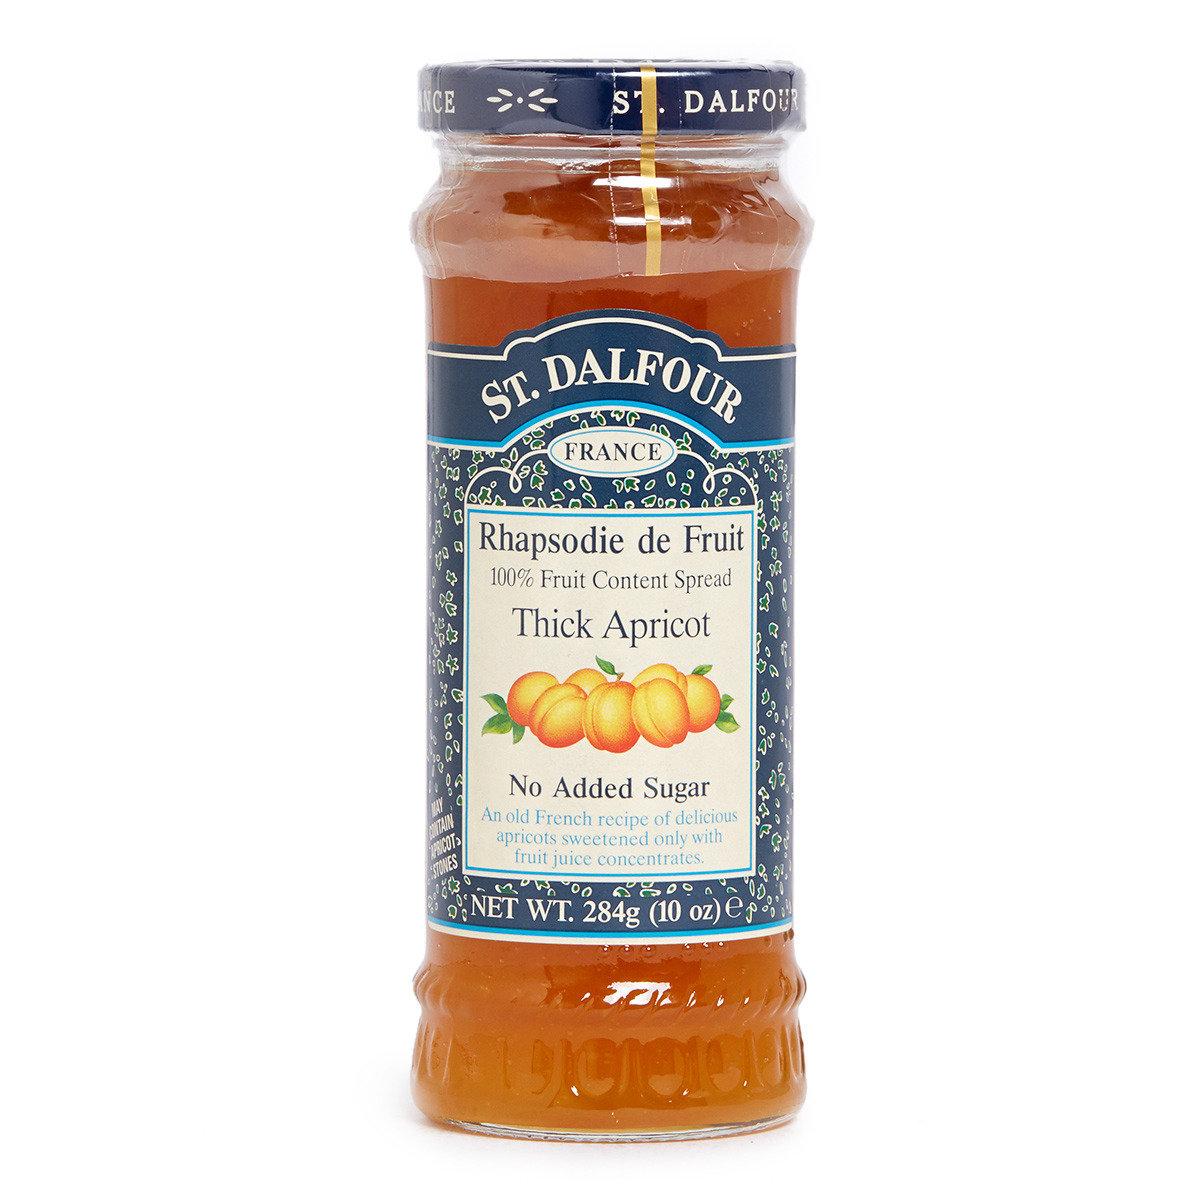 天然杏桃果醬